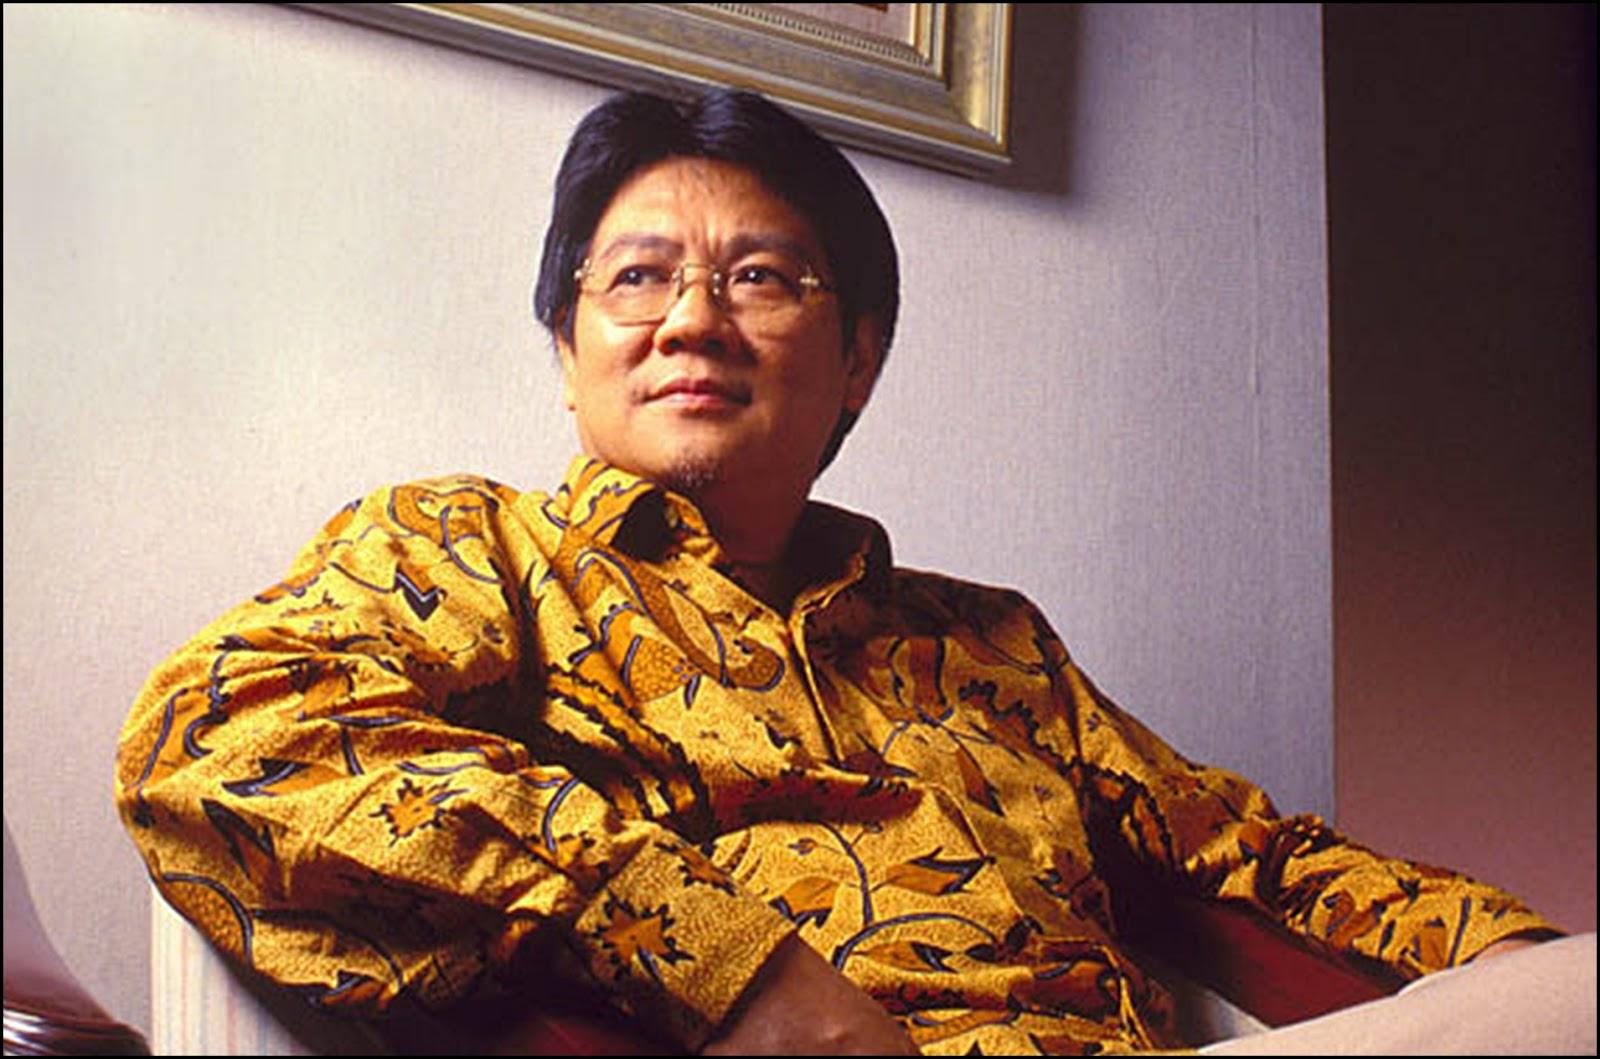 Ketahui Kisah, Biografi, & Profil Anthony Salim, Pemilik Salim Group